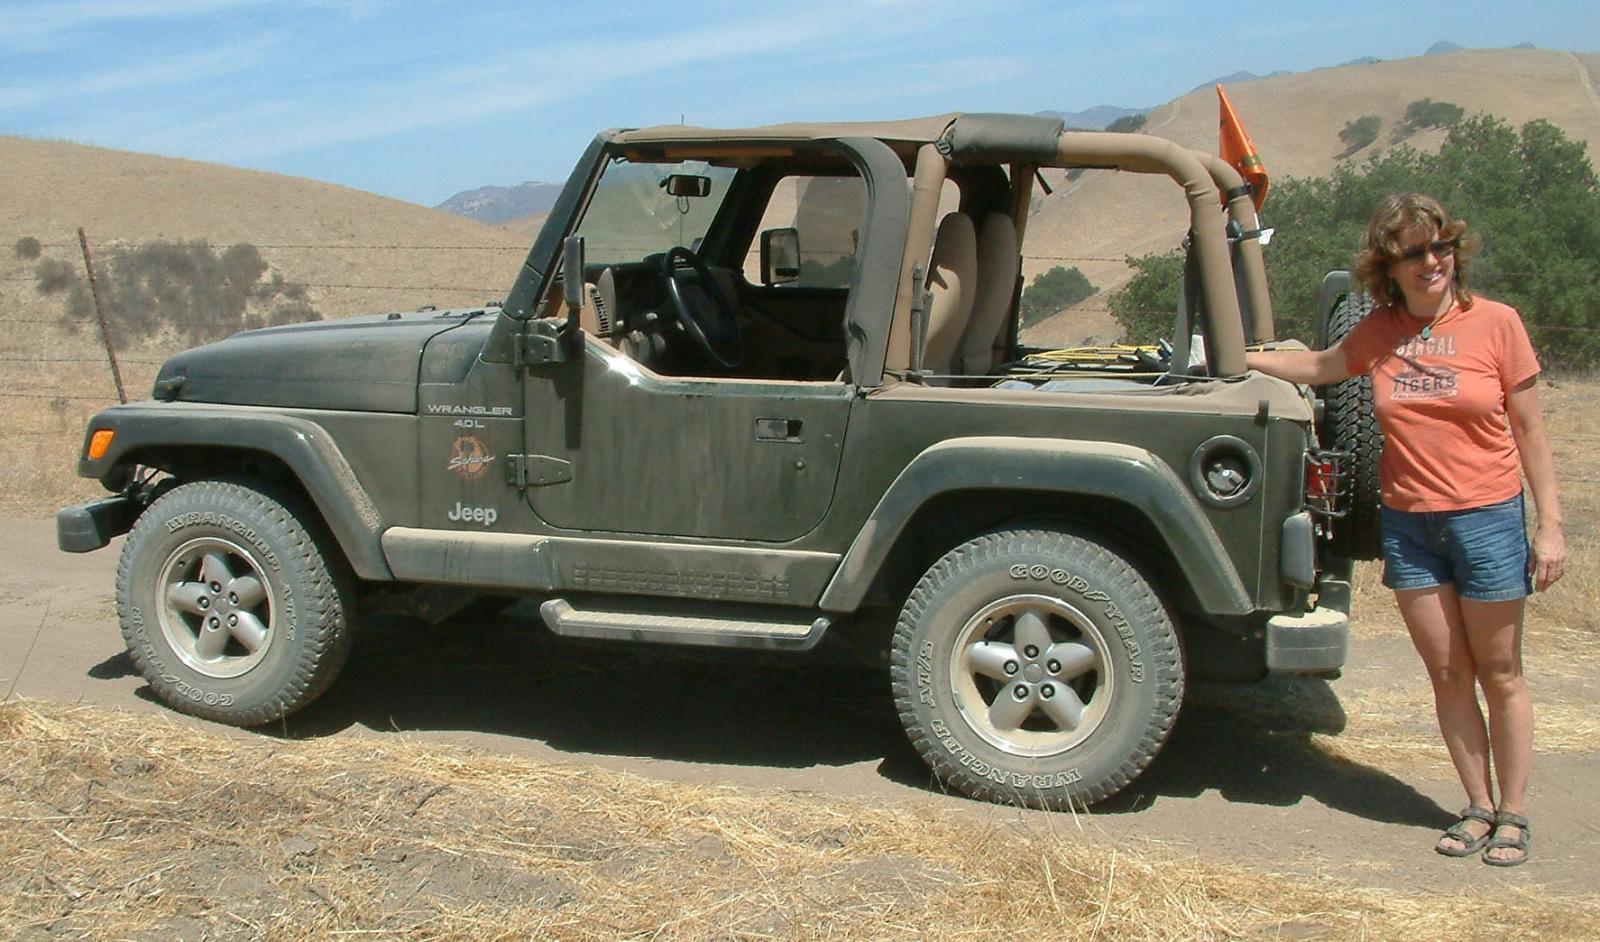 Camp Jeep near Santa Barbara, California